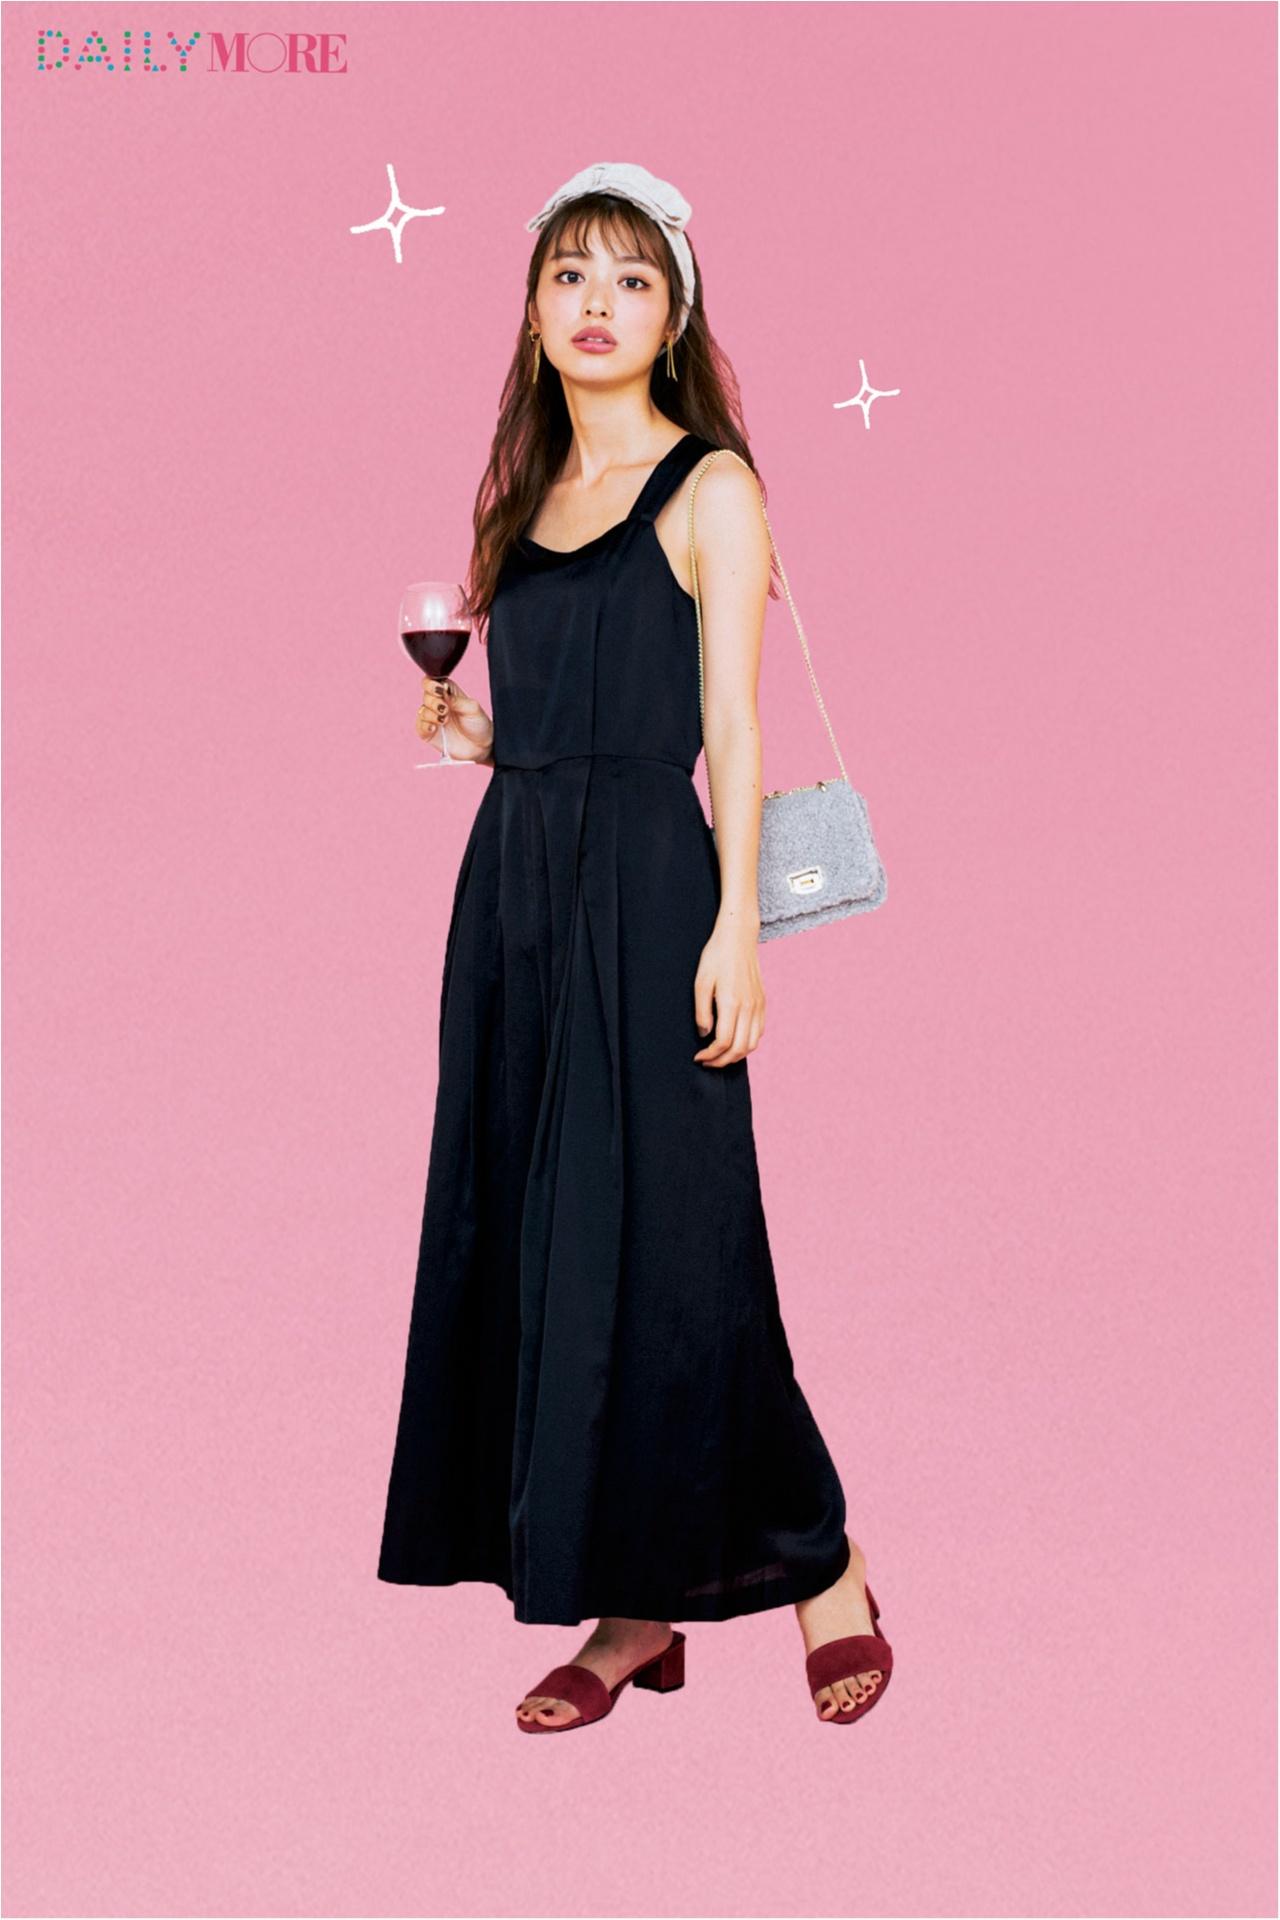 モデルは内田理央! 「普段の自分を2割増しに見せてくれる」女子会服、教えます!【オールインワン・ニットアップ編】_1